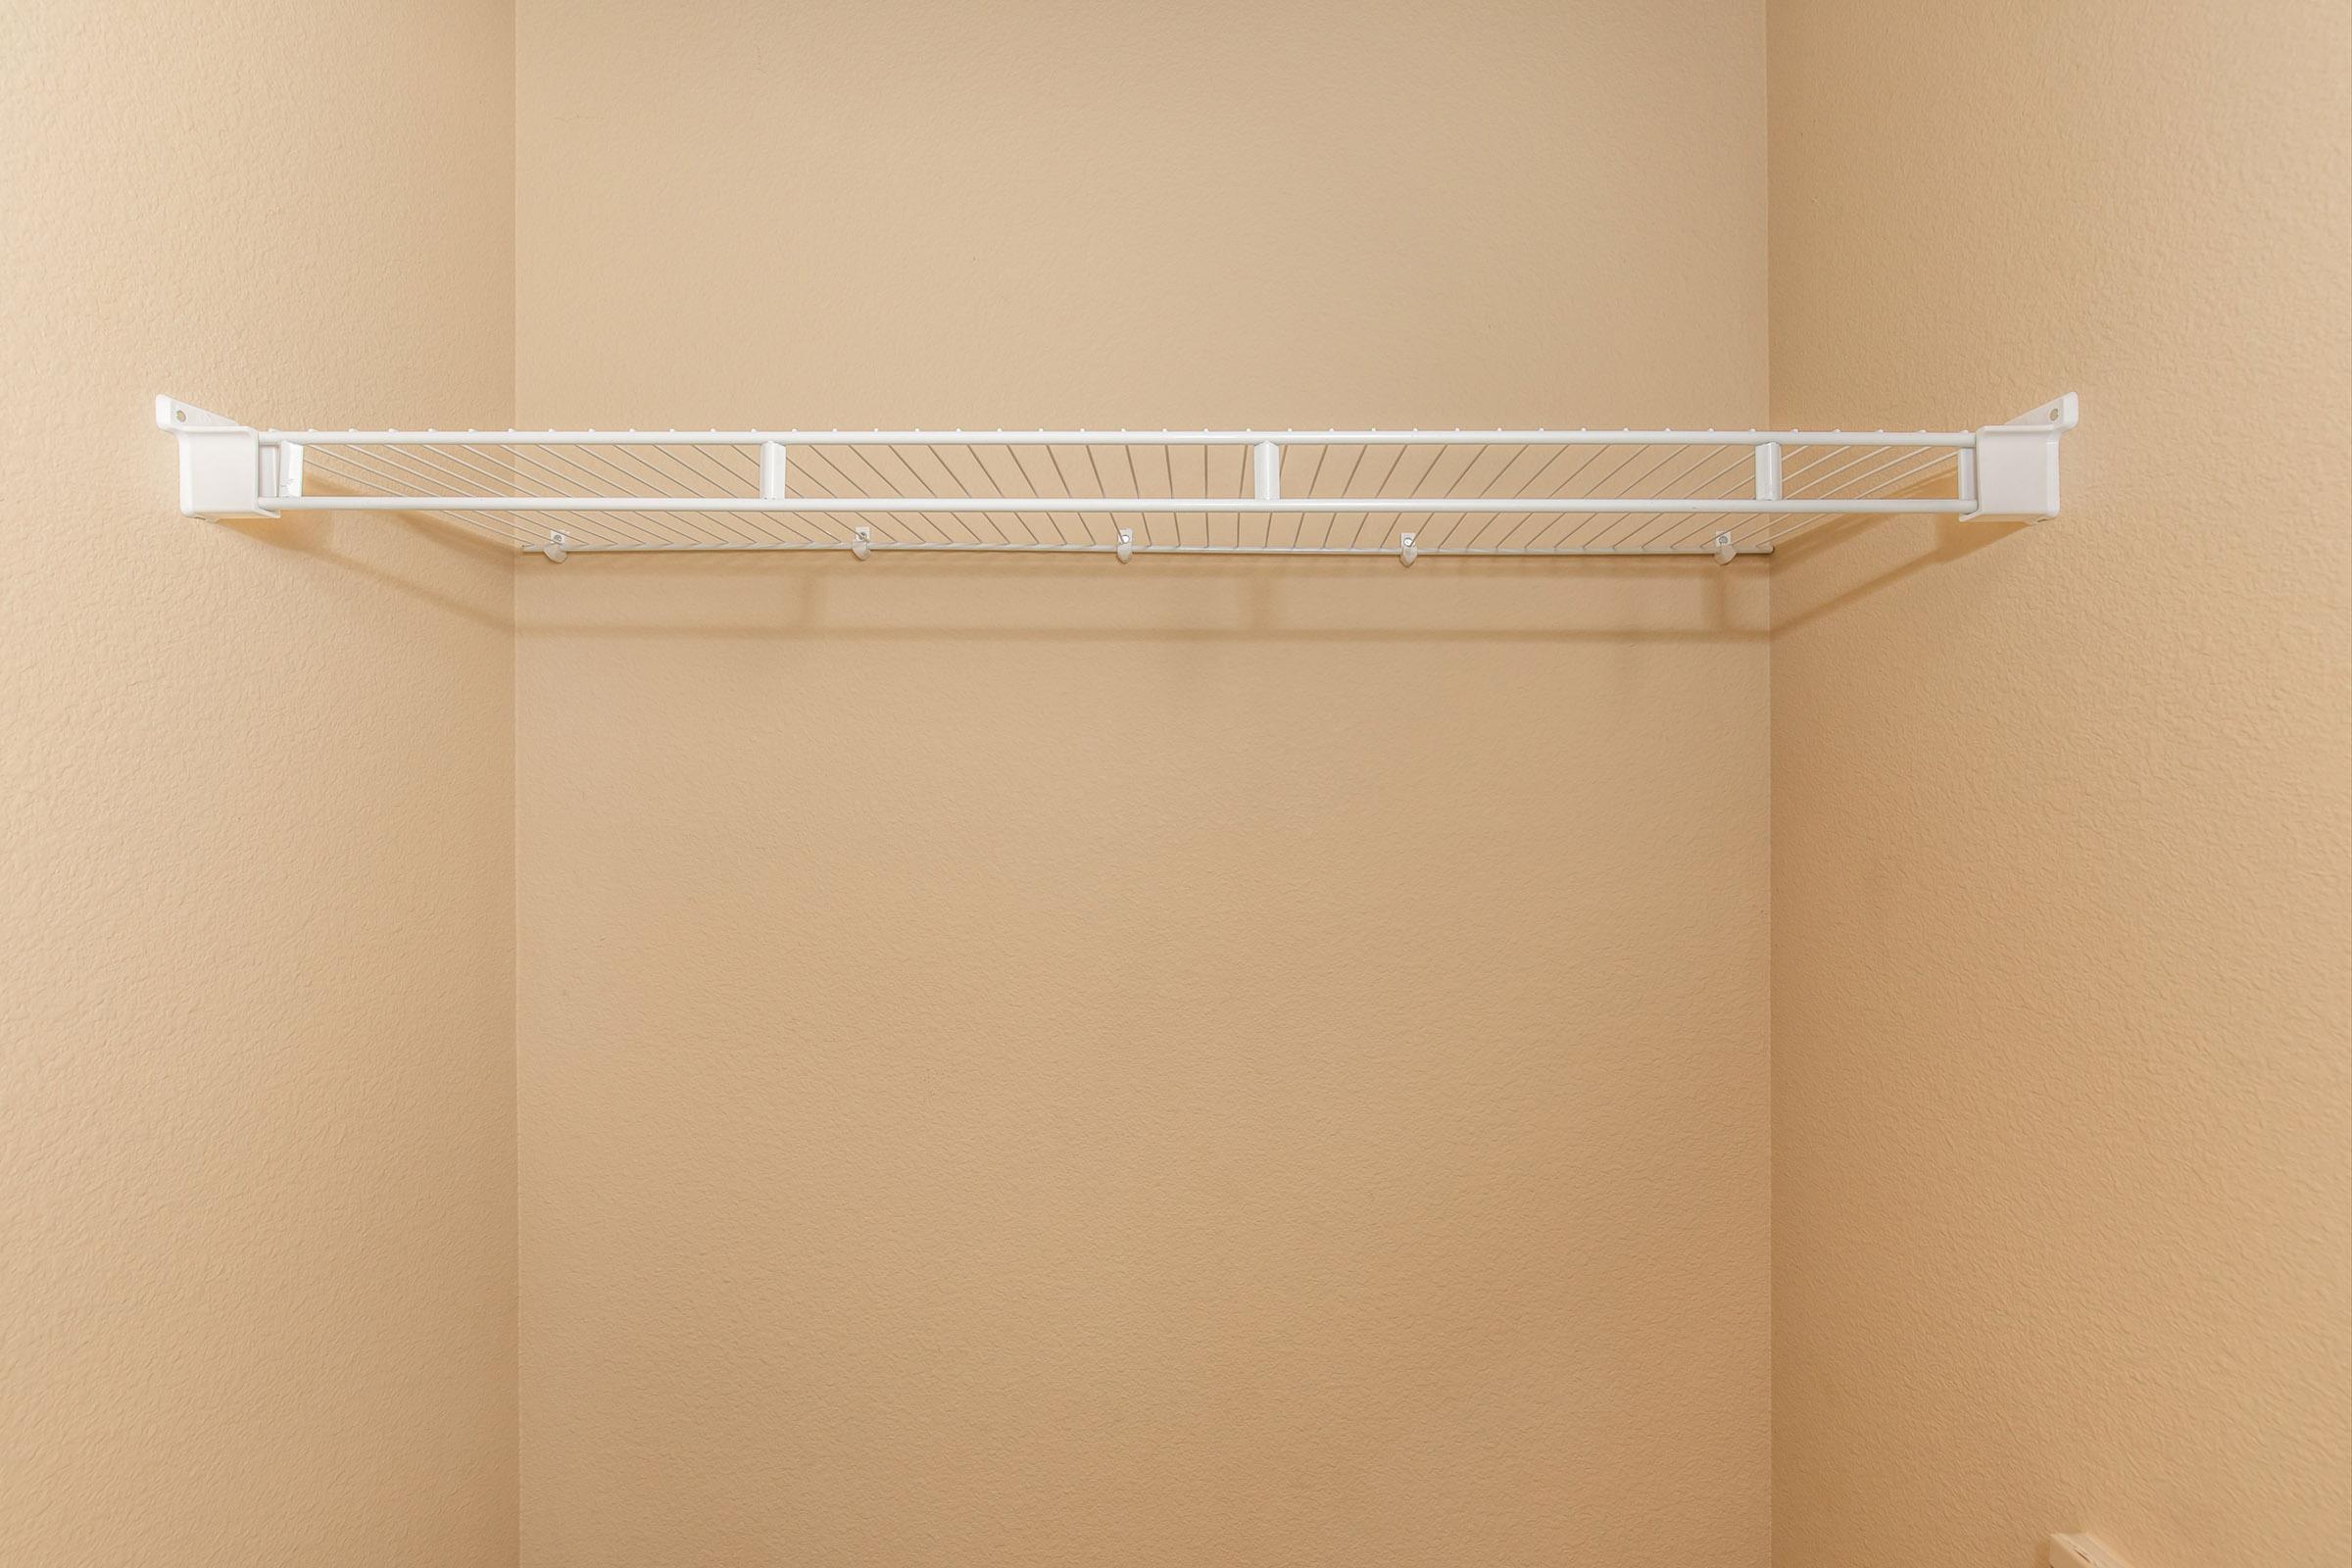 a white curtain